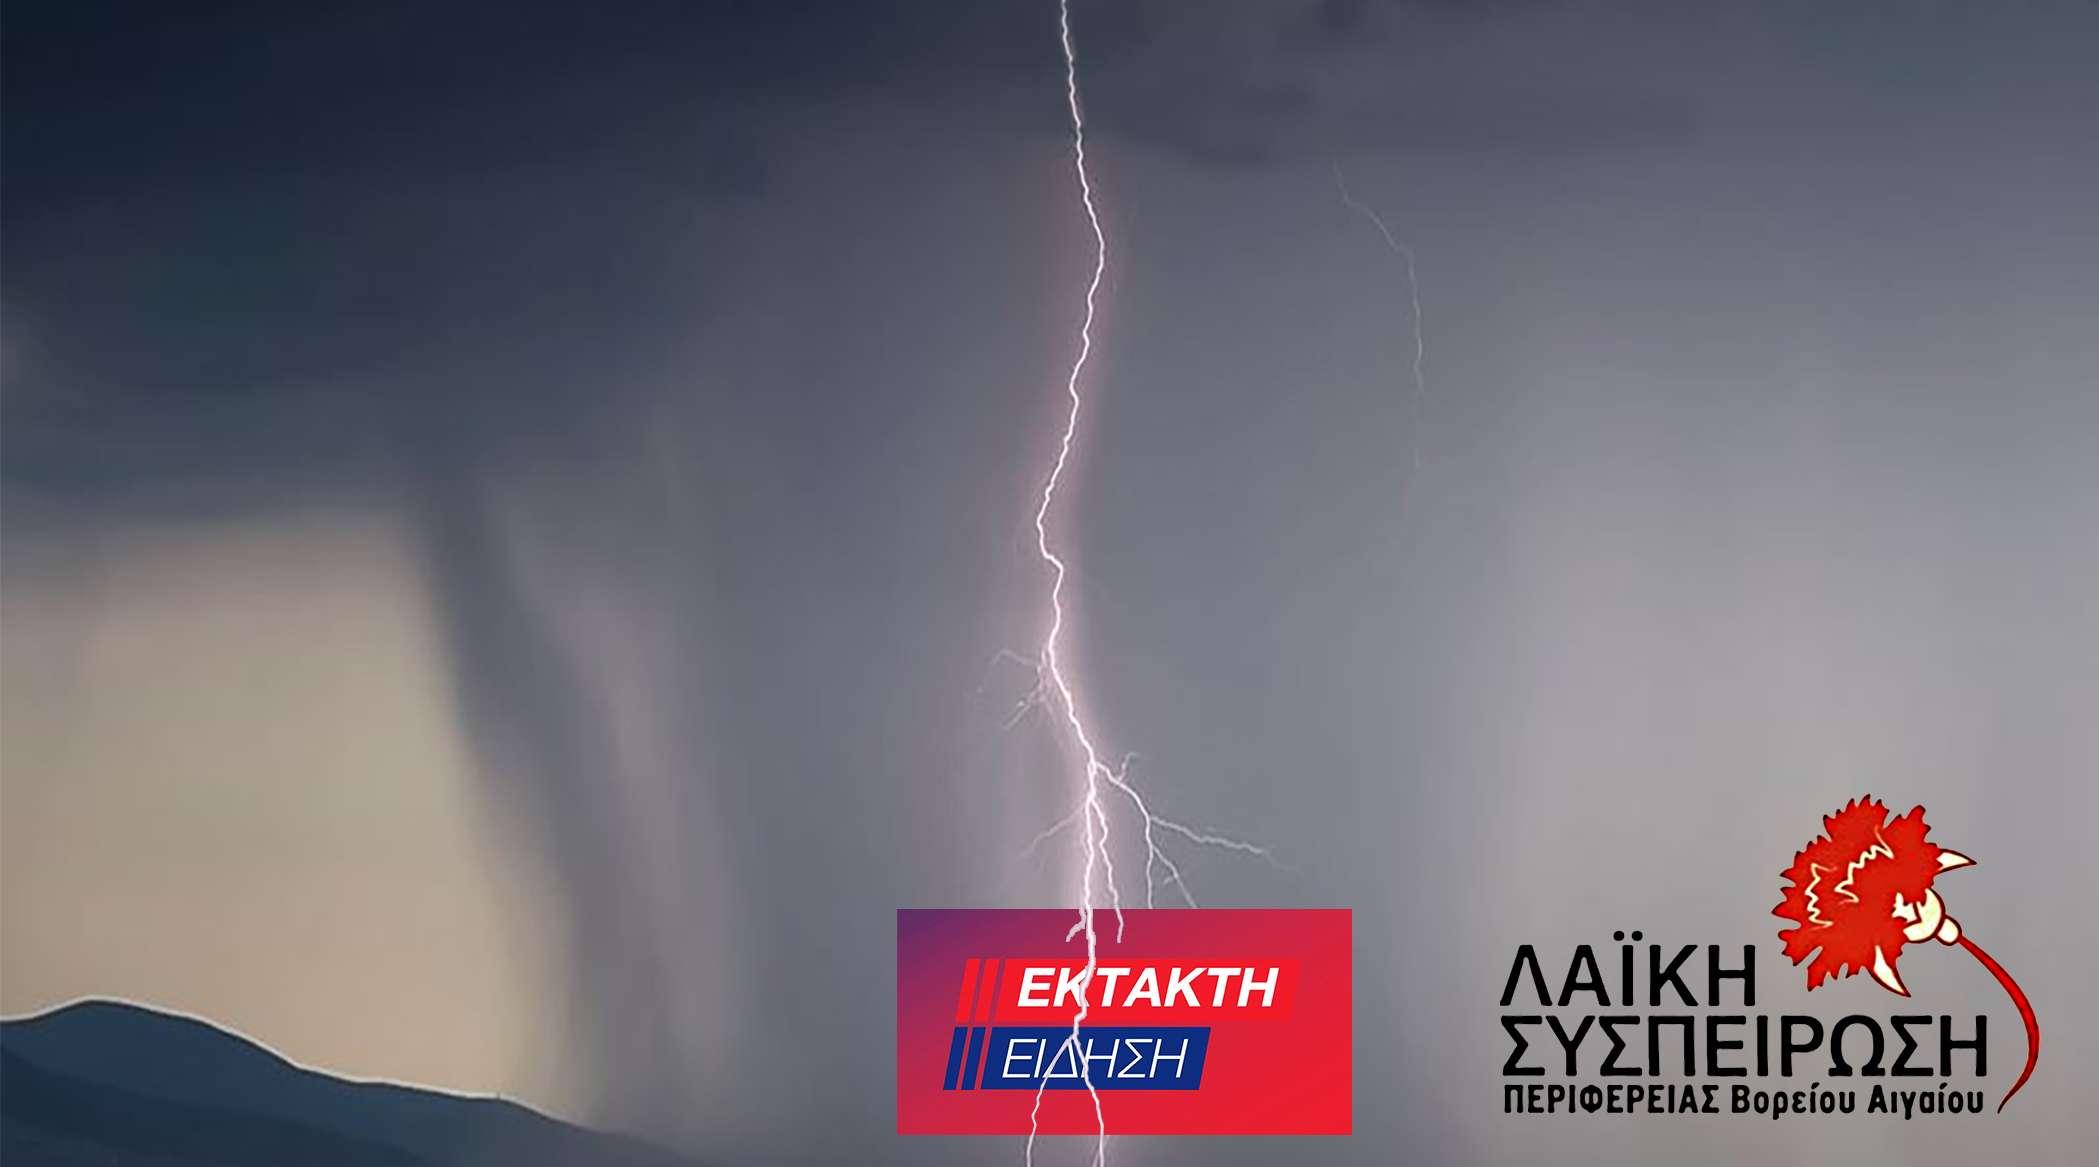 ΛαΣυ Βόρειου Αιγαίου Έκτακτο Κακοκαιρία 21 5 2021